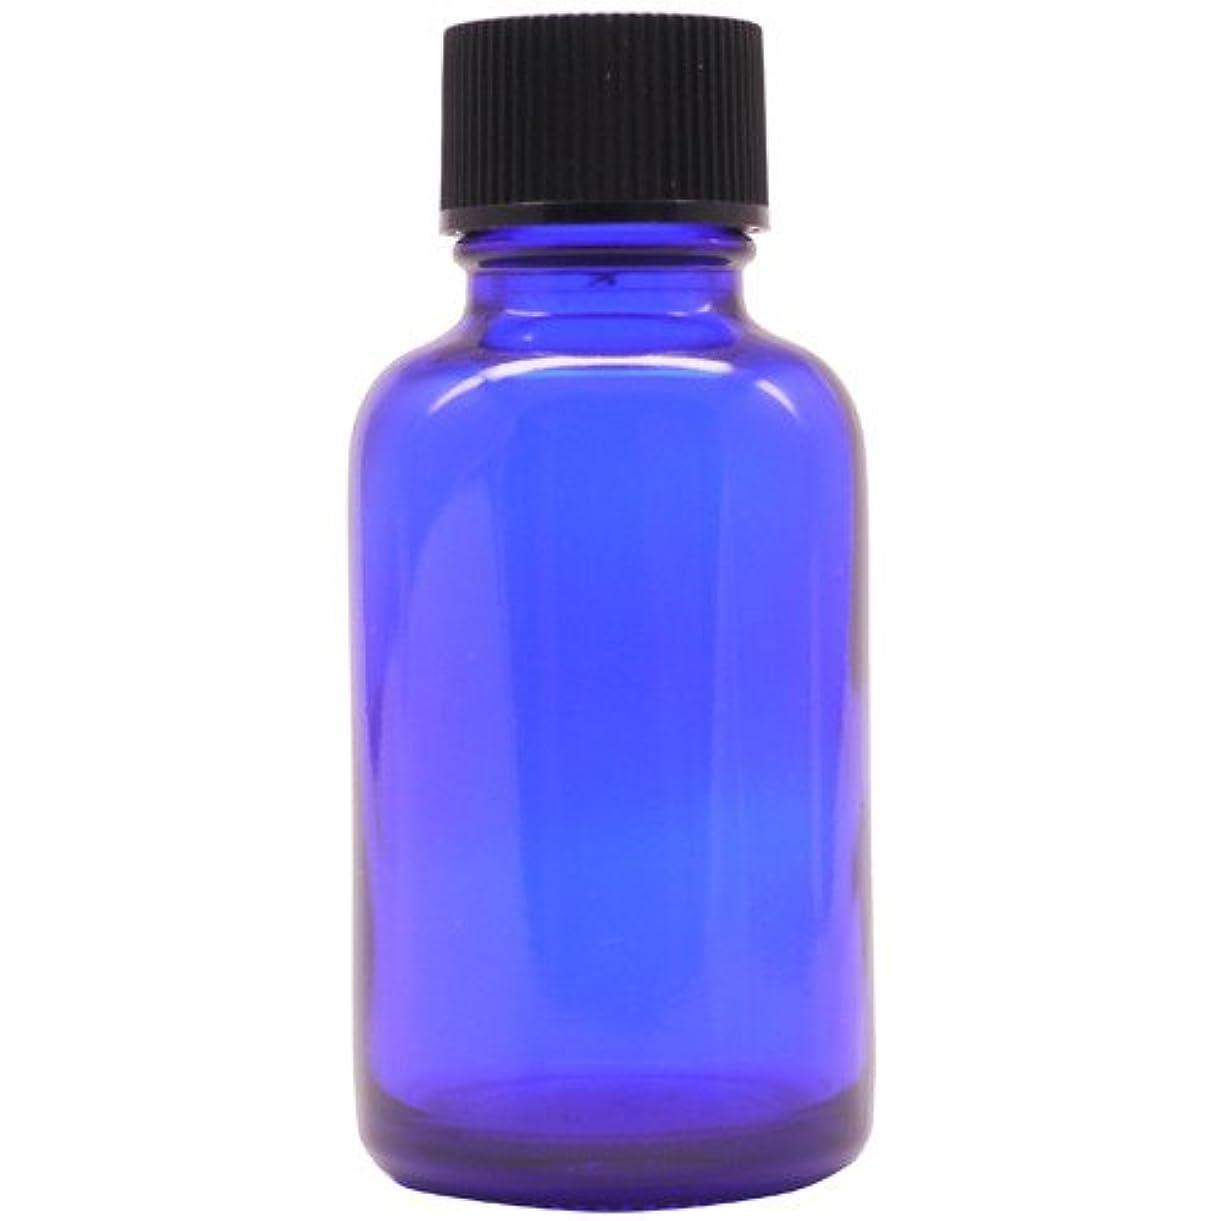 構造的均等にスクランブルアロマアンドライフ (D)ブルー瓶ドロップ栓30ml 3本セット